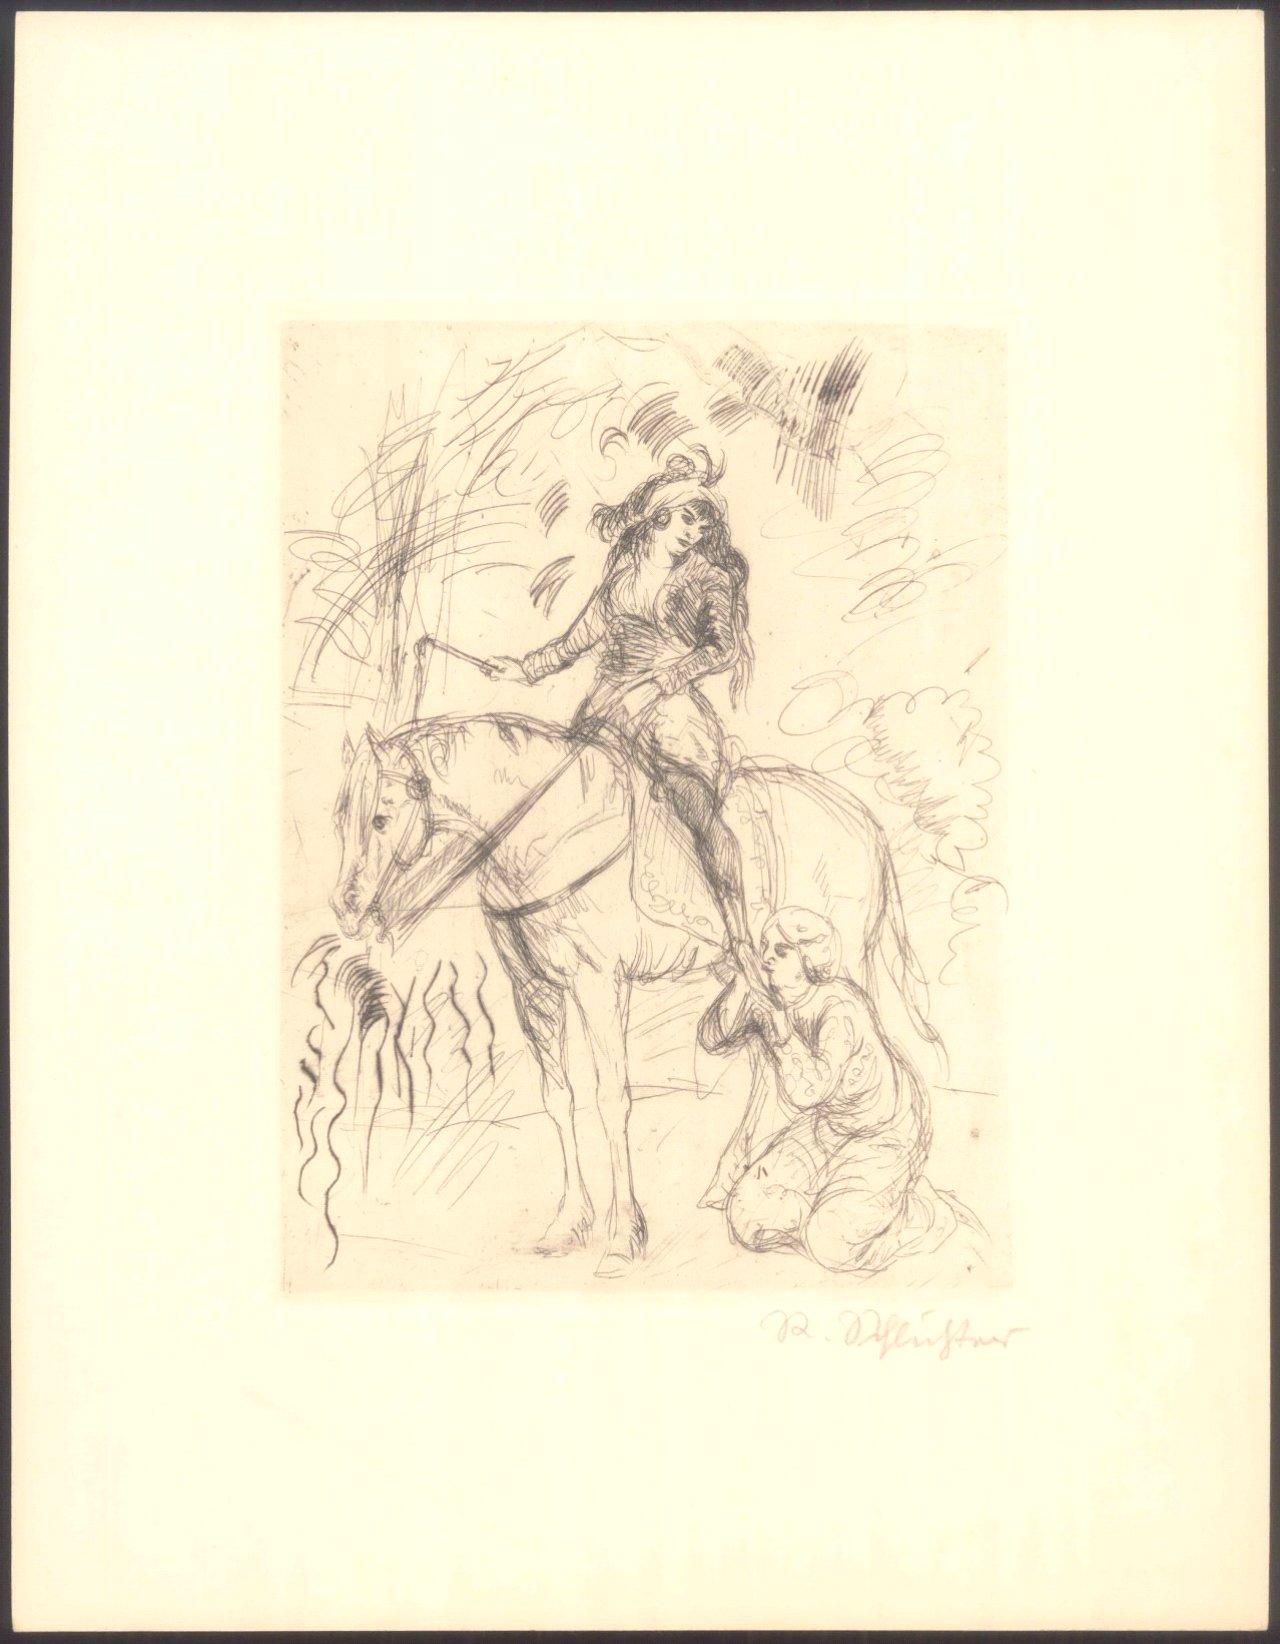 Rudolf Schlichter 1890-1955. Die Angebetete-1